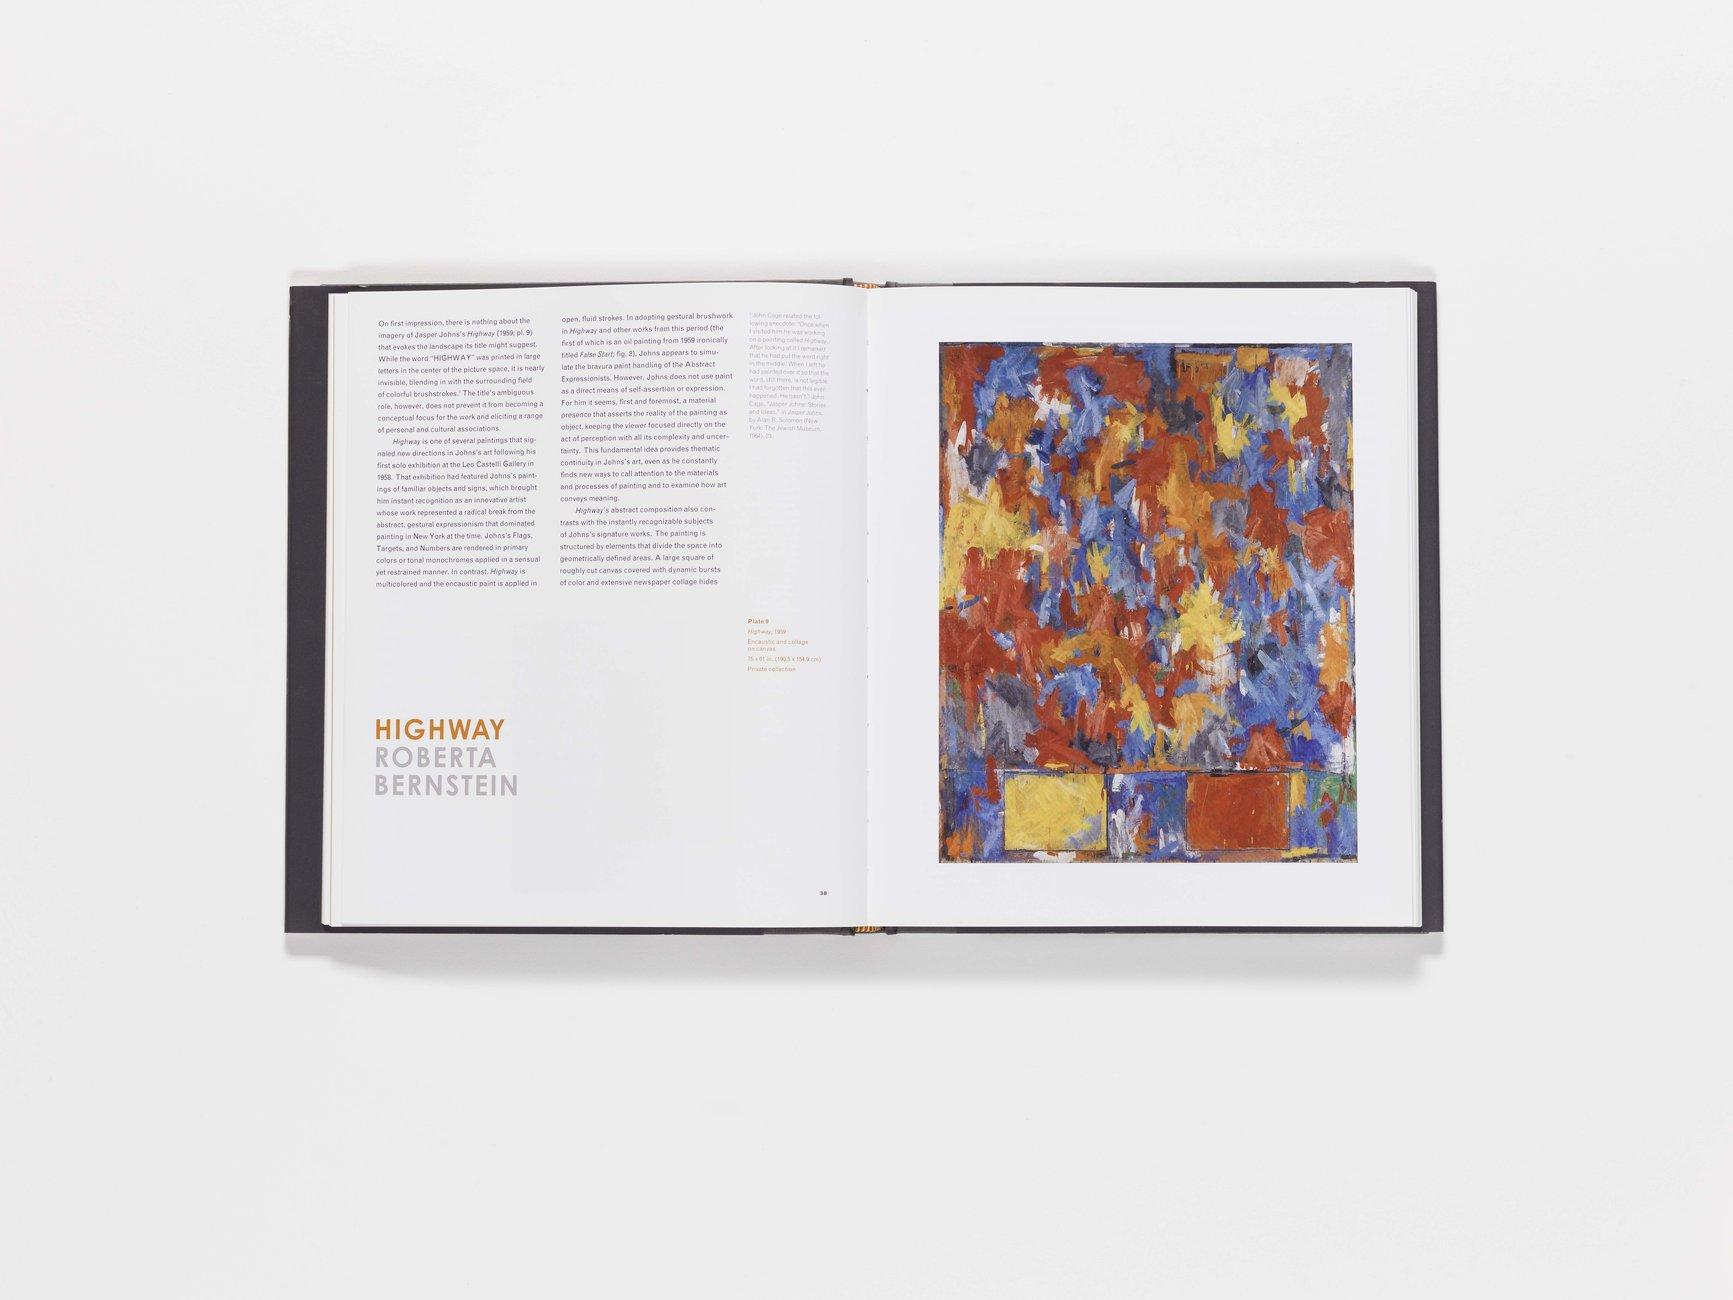 Jasper Johns publication pages 38-39